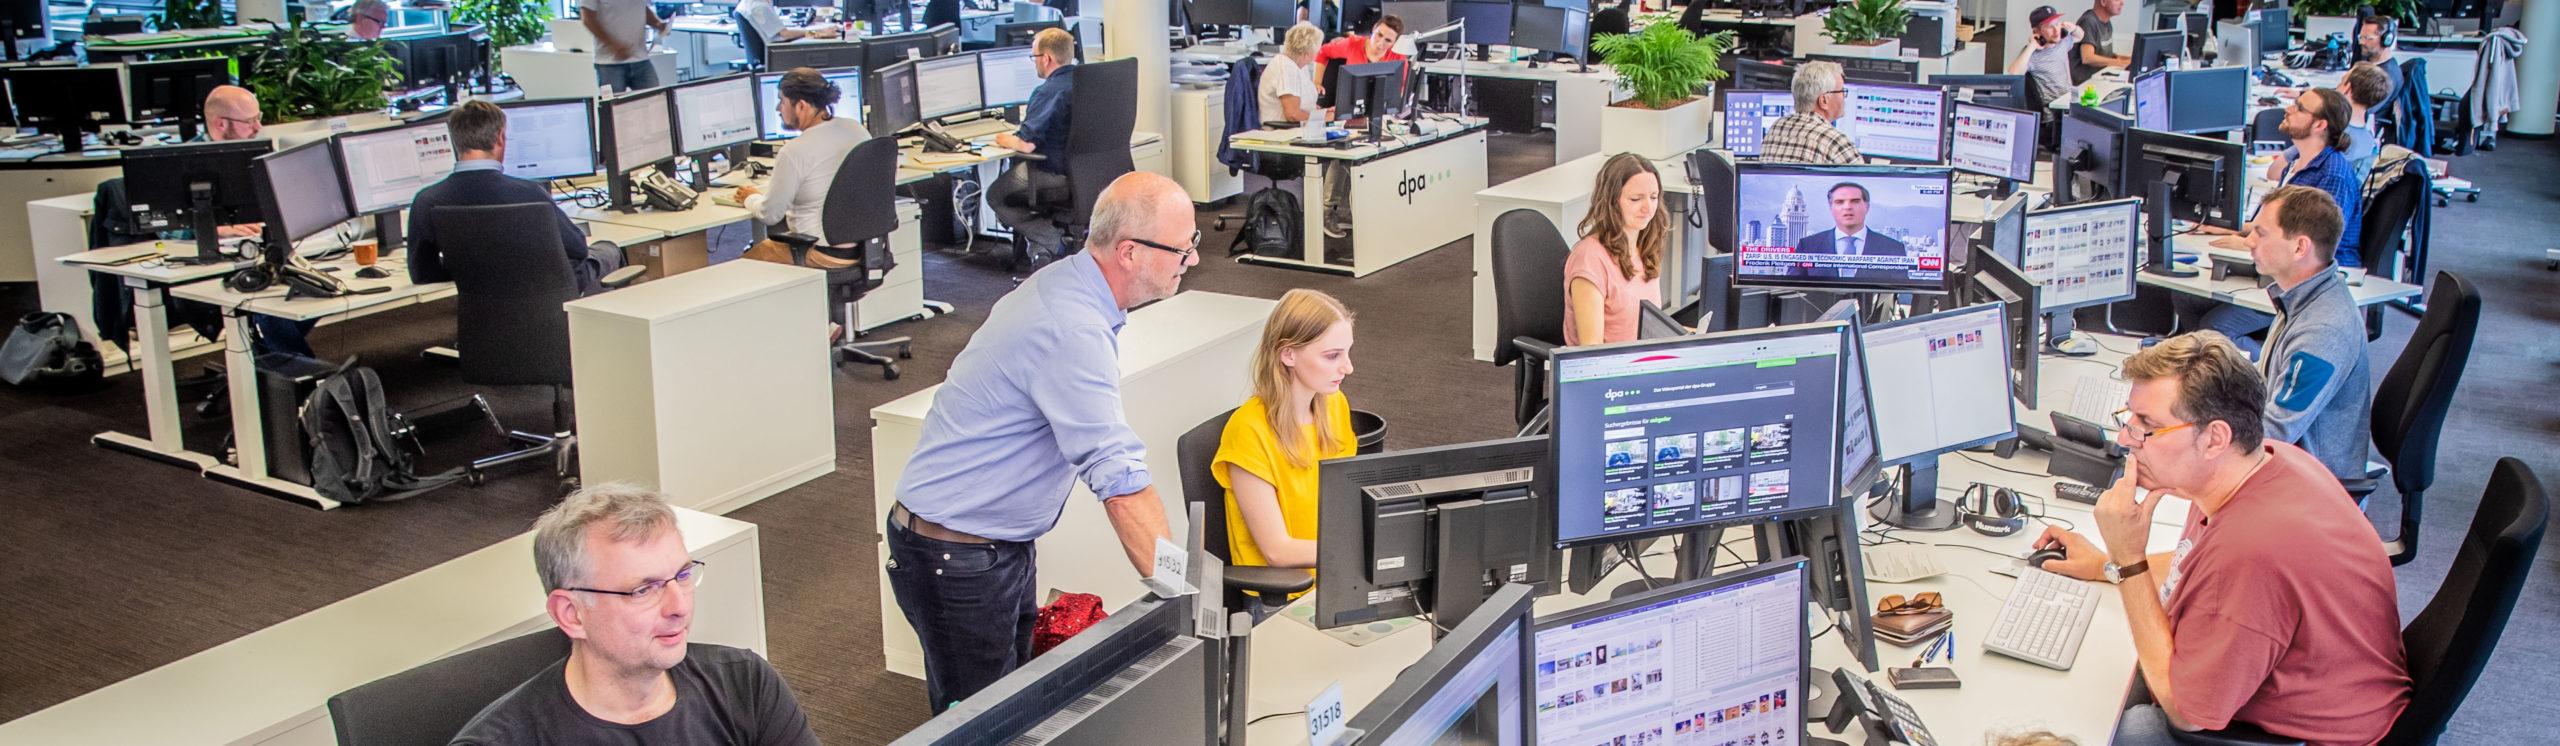 Der Visual Desk im Newsroom der Deutschen Presse-Agentur GmbH 2019